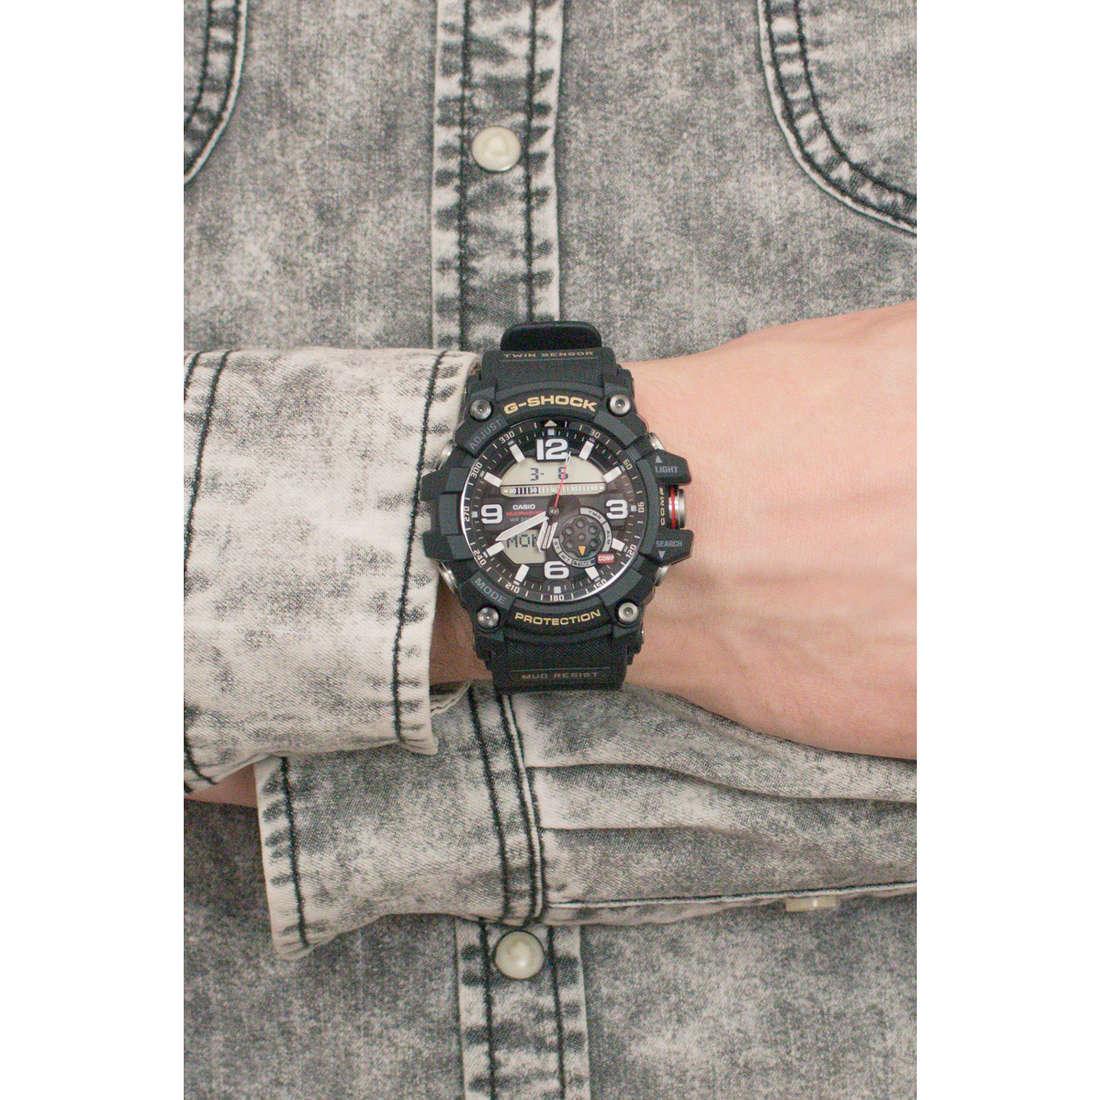 Casio digitali G-Shock uomo GG-1000-1AER indosso